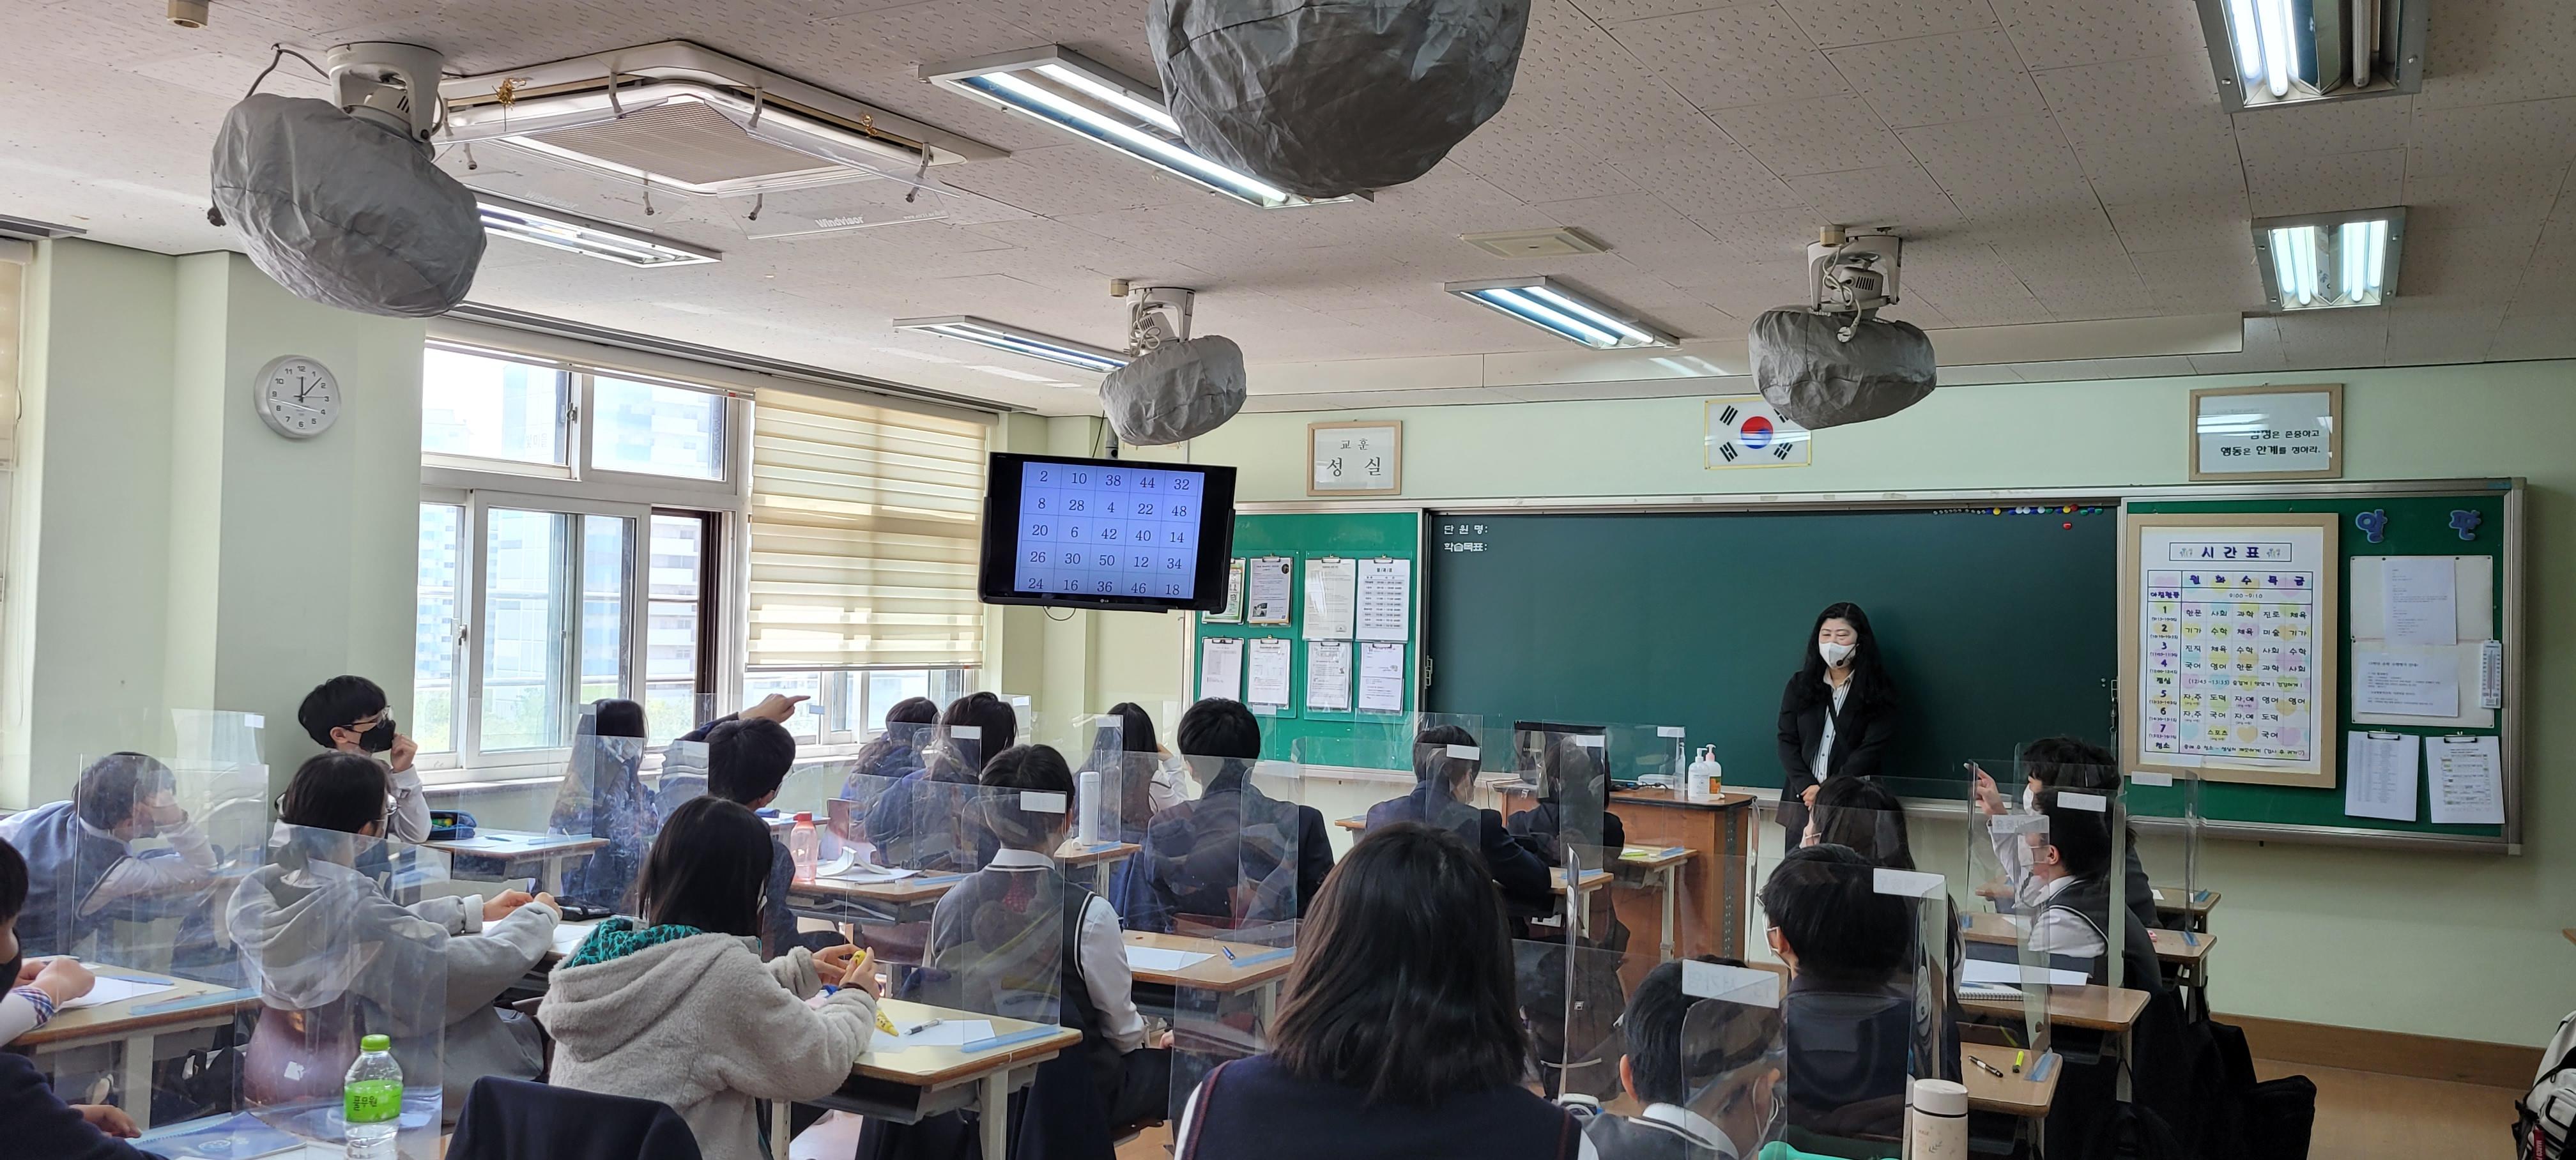 [일반] 1학년 자기주도학습 관련 특강의 첨부이미지 2